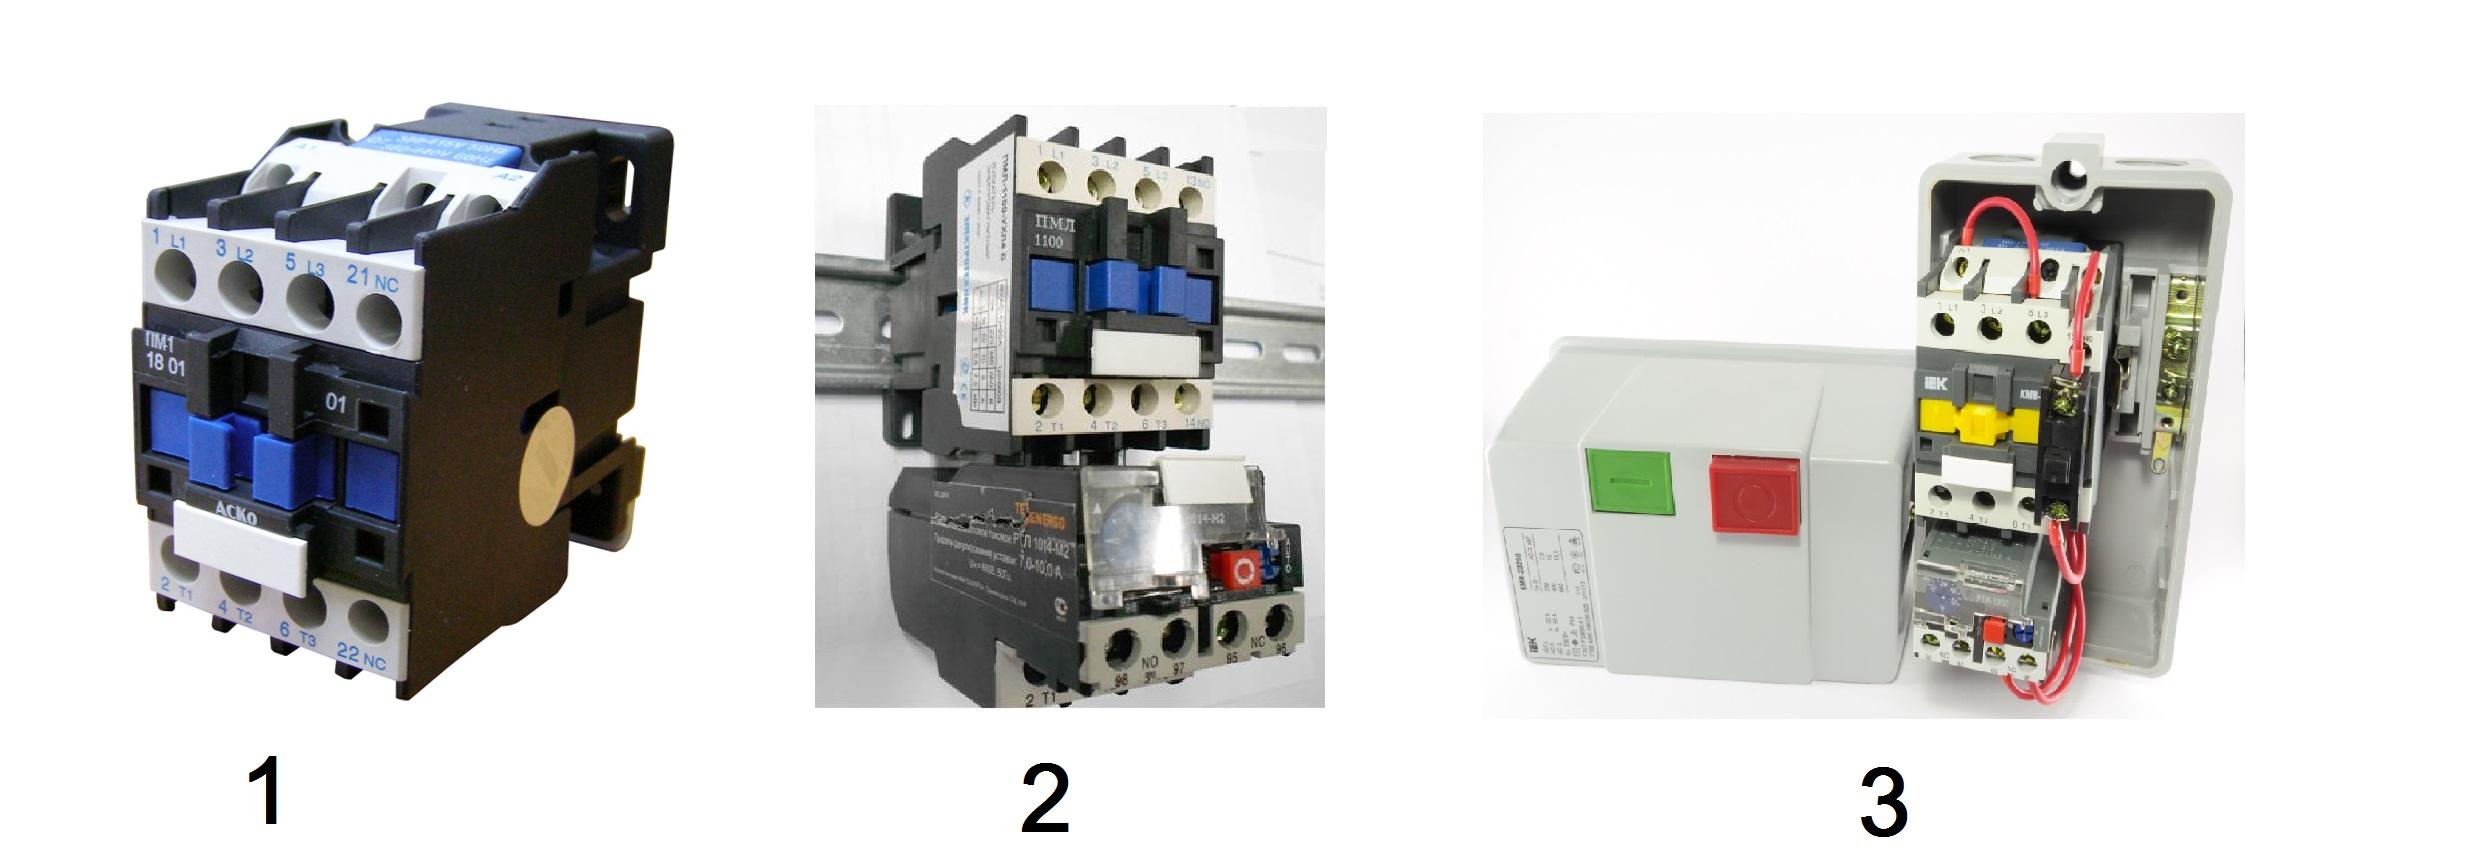 Подключение контактора схема 380 с тепловым реле Электромагнитный пускатель ПМ12, ПМЕ 211, ПРН, abb